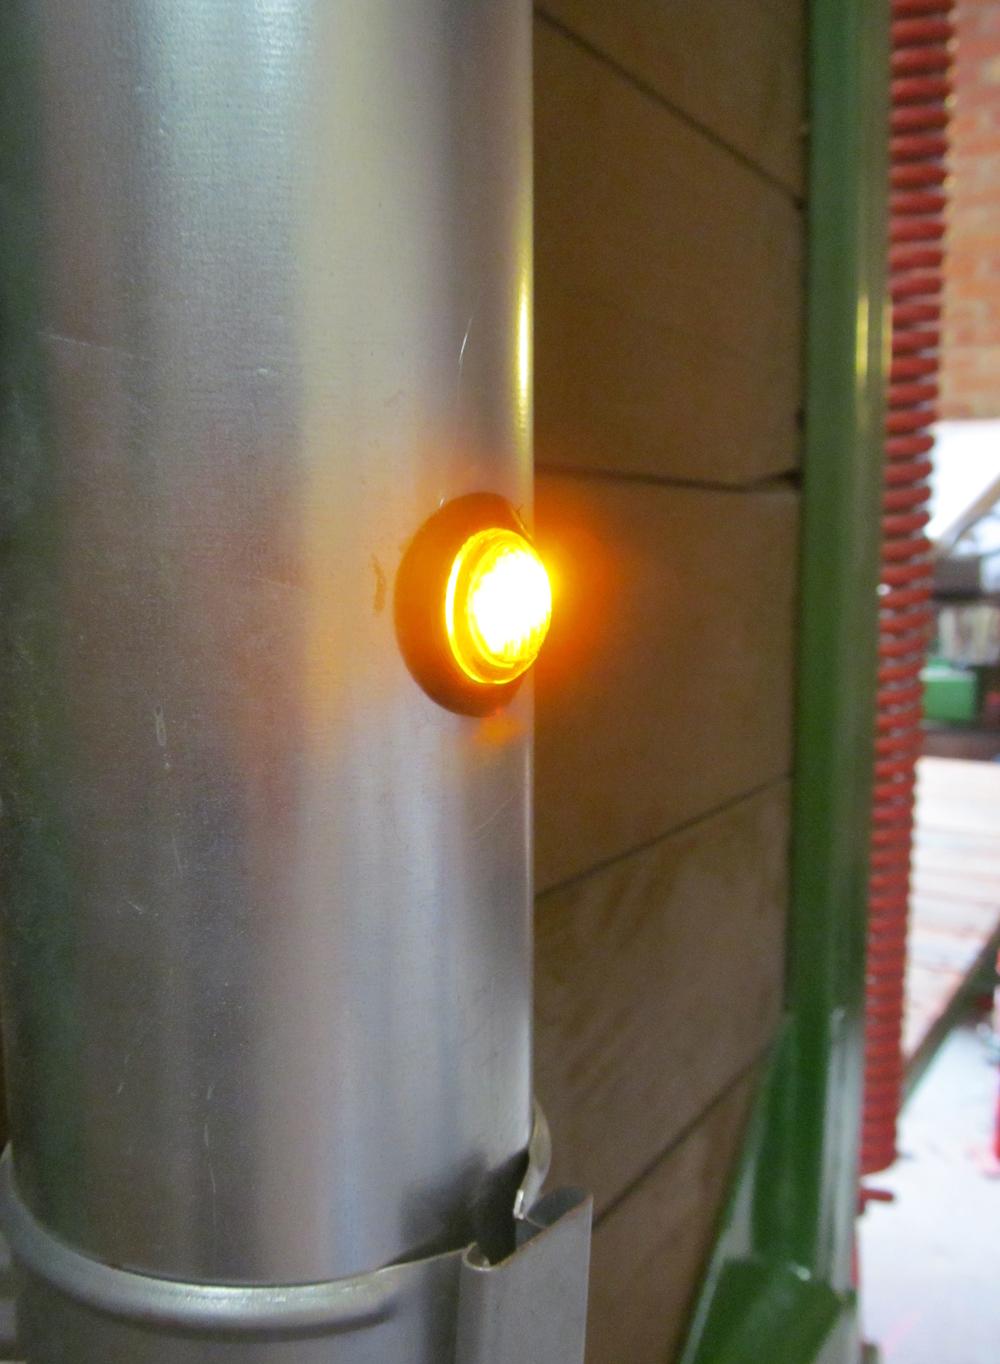 RastaBox_Pipe_Side_lights.jpg